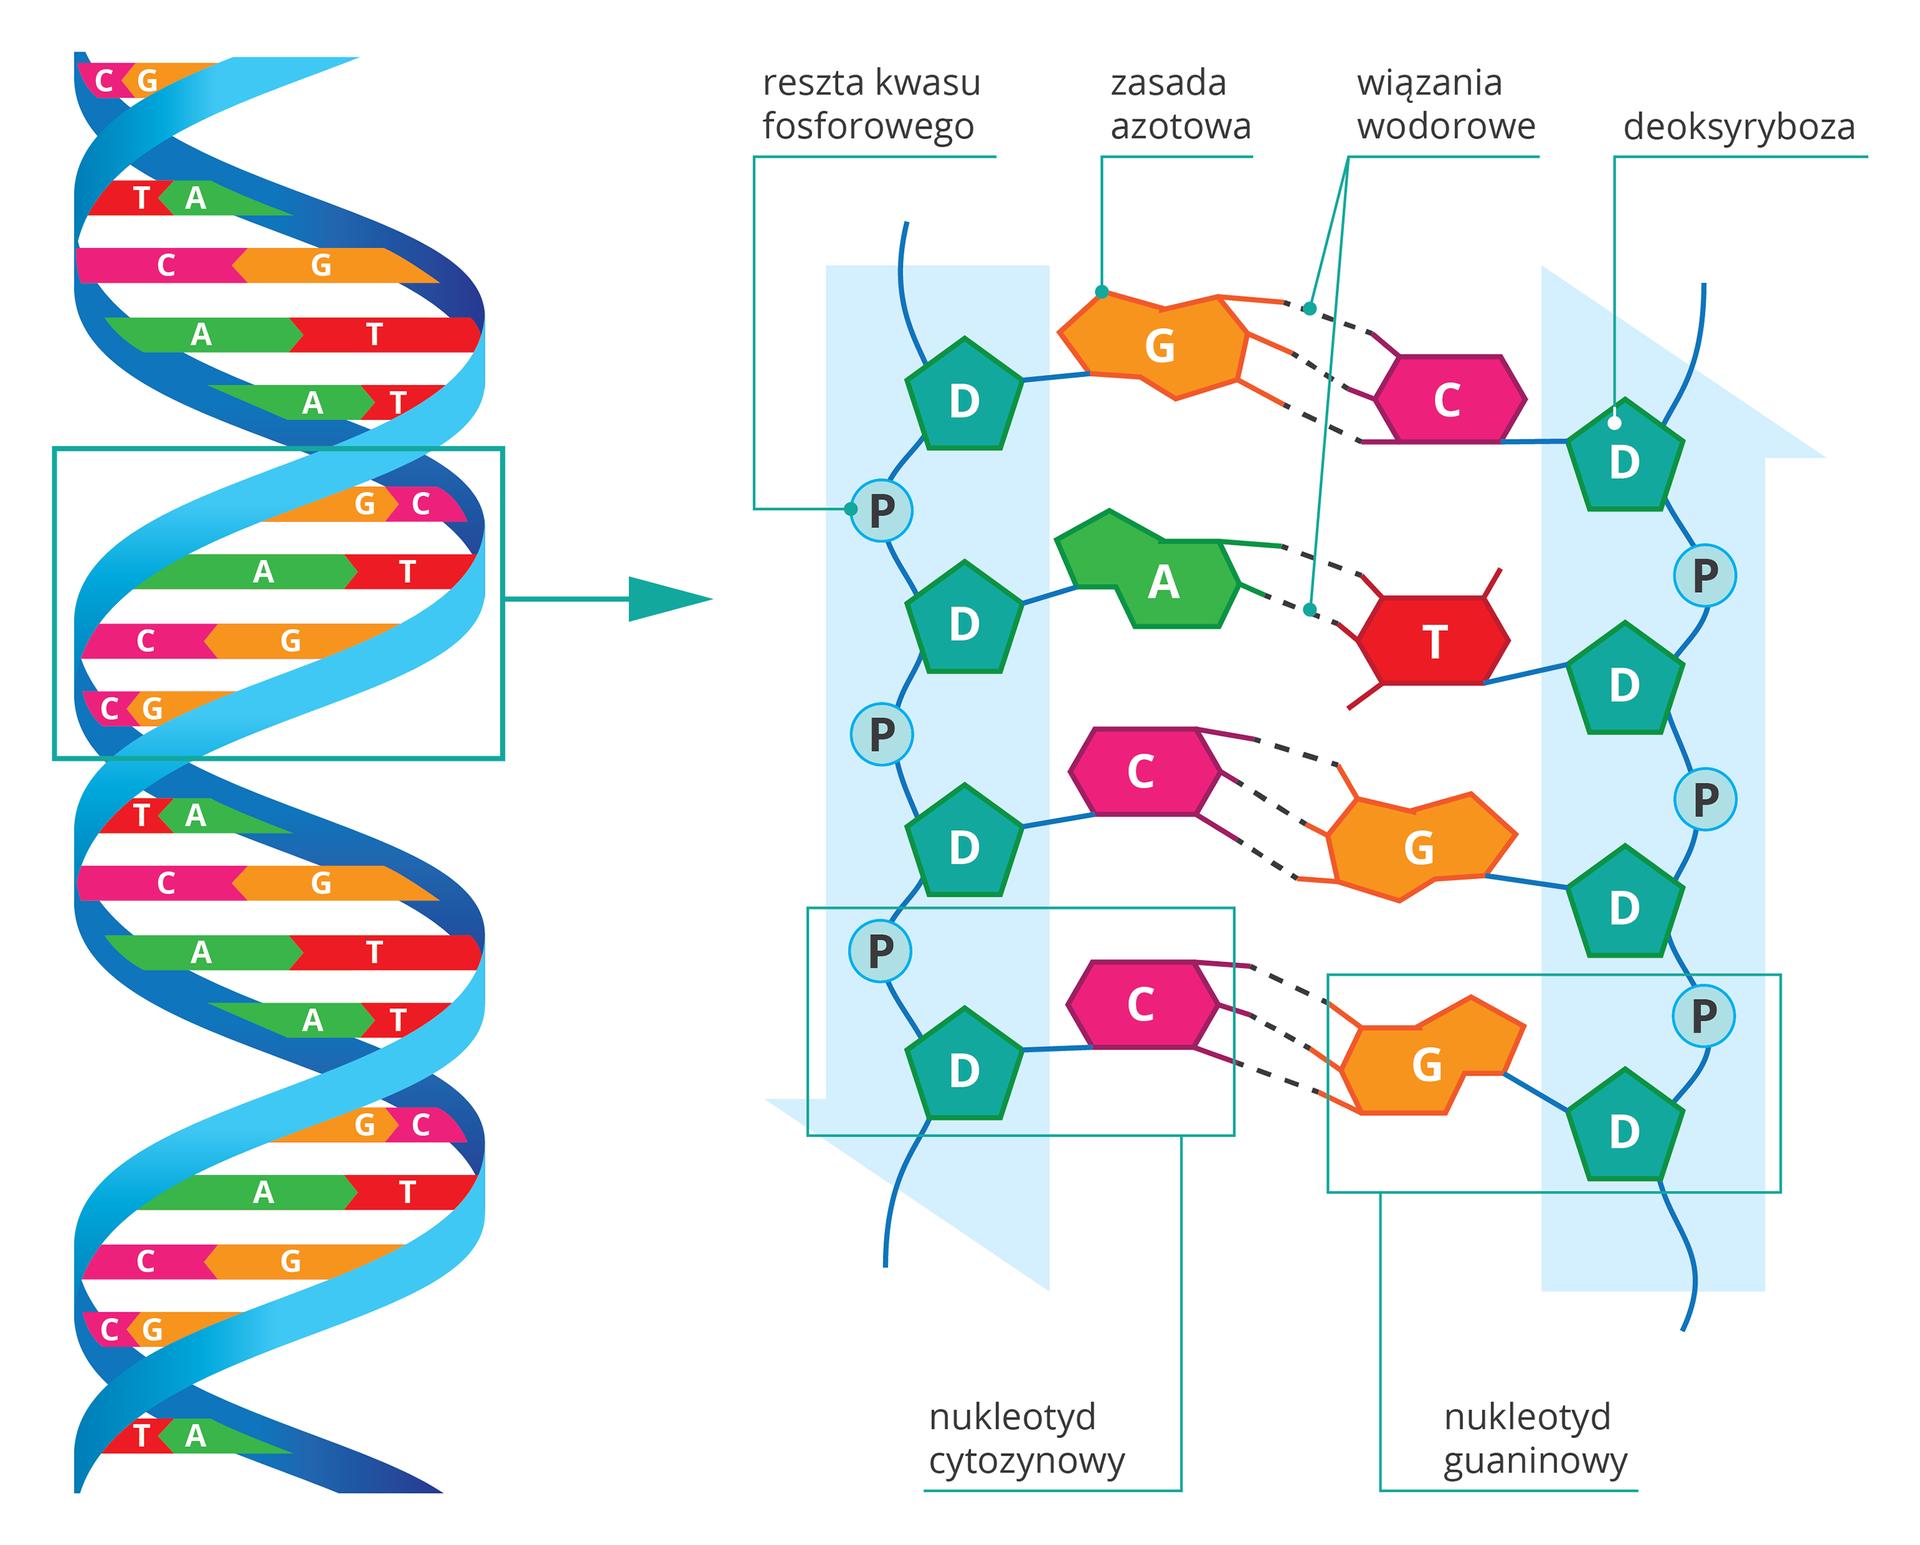 Ilustracja przestawia 2 kolorowe rysunki. Zlewej spirala DNA. Dwieniebieskie, skręcone nici są połączone szczebelkami. Są dwa rodzaje szczebelków. Każdy składa się zdwóch części. Jedne zróżowej części zliterą Cipomarańczowej części zliterą G. Drugie zzielonej części zliterą Aiczerwonej części zliterą T. Wpowiększeniu turkusowe pięciokąty zlitera Doznaczają deoksyrybozę. Połączone znimi są niebieskie koła zliterą P, czyli reszty kwasu fosforowego. Kolorami iliterami oznaczono zasady azotowe. Między nimi przerywane kreski symbolizują wiązania wodorowe. Udołu zlewej ramką zaznaczono nukleotyd cytozy nowy, składający się zdeoksyrybozy, reszty kwasu fosforowego icytozyny. Zprawej podobnie zaznaczono nukleotyd guanin owy. Oba są połączone trzema wiązaniami wodorowymi.